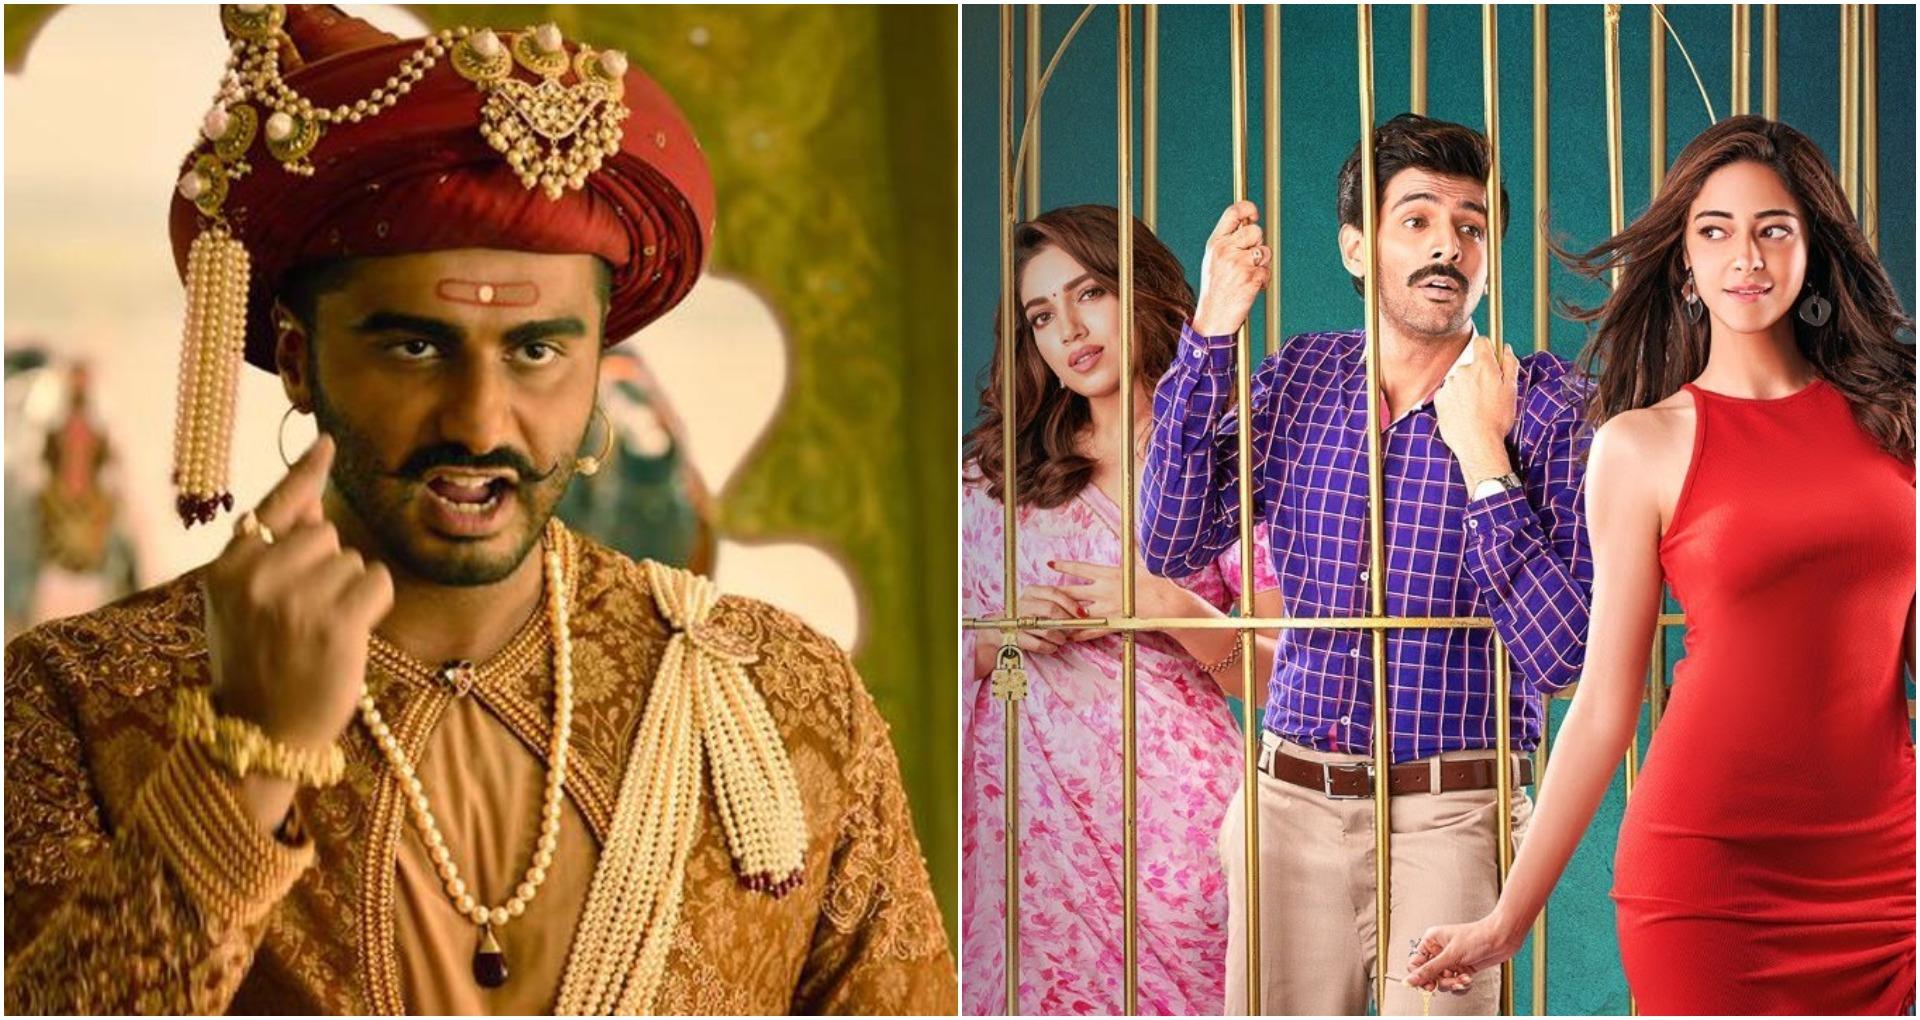 BOX OFFICE CLASH: अर्जुन कपूर की पानीपत या कार्तिक आर्यन की पति पत्नी और वो, कौन करेगा पहले दिन कितनी कमाई?